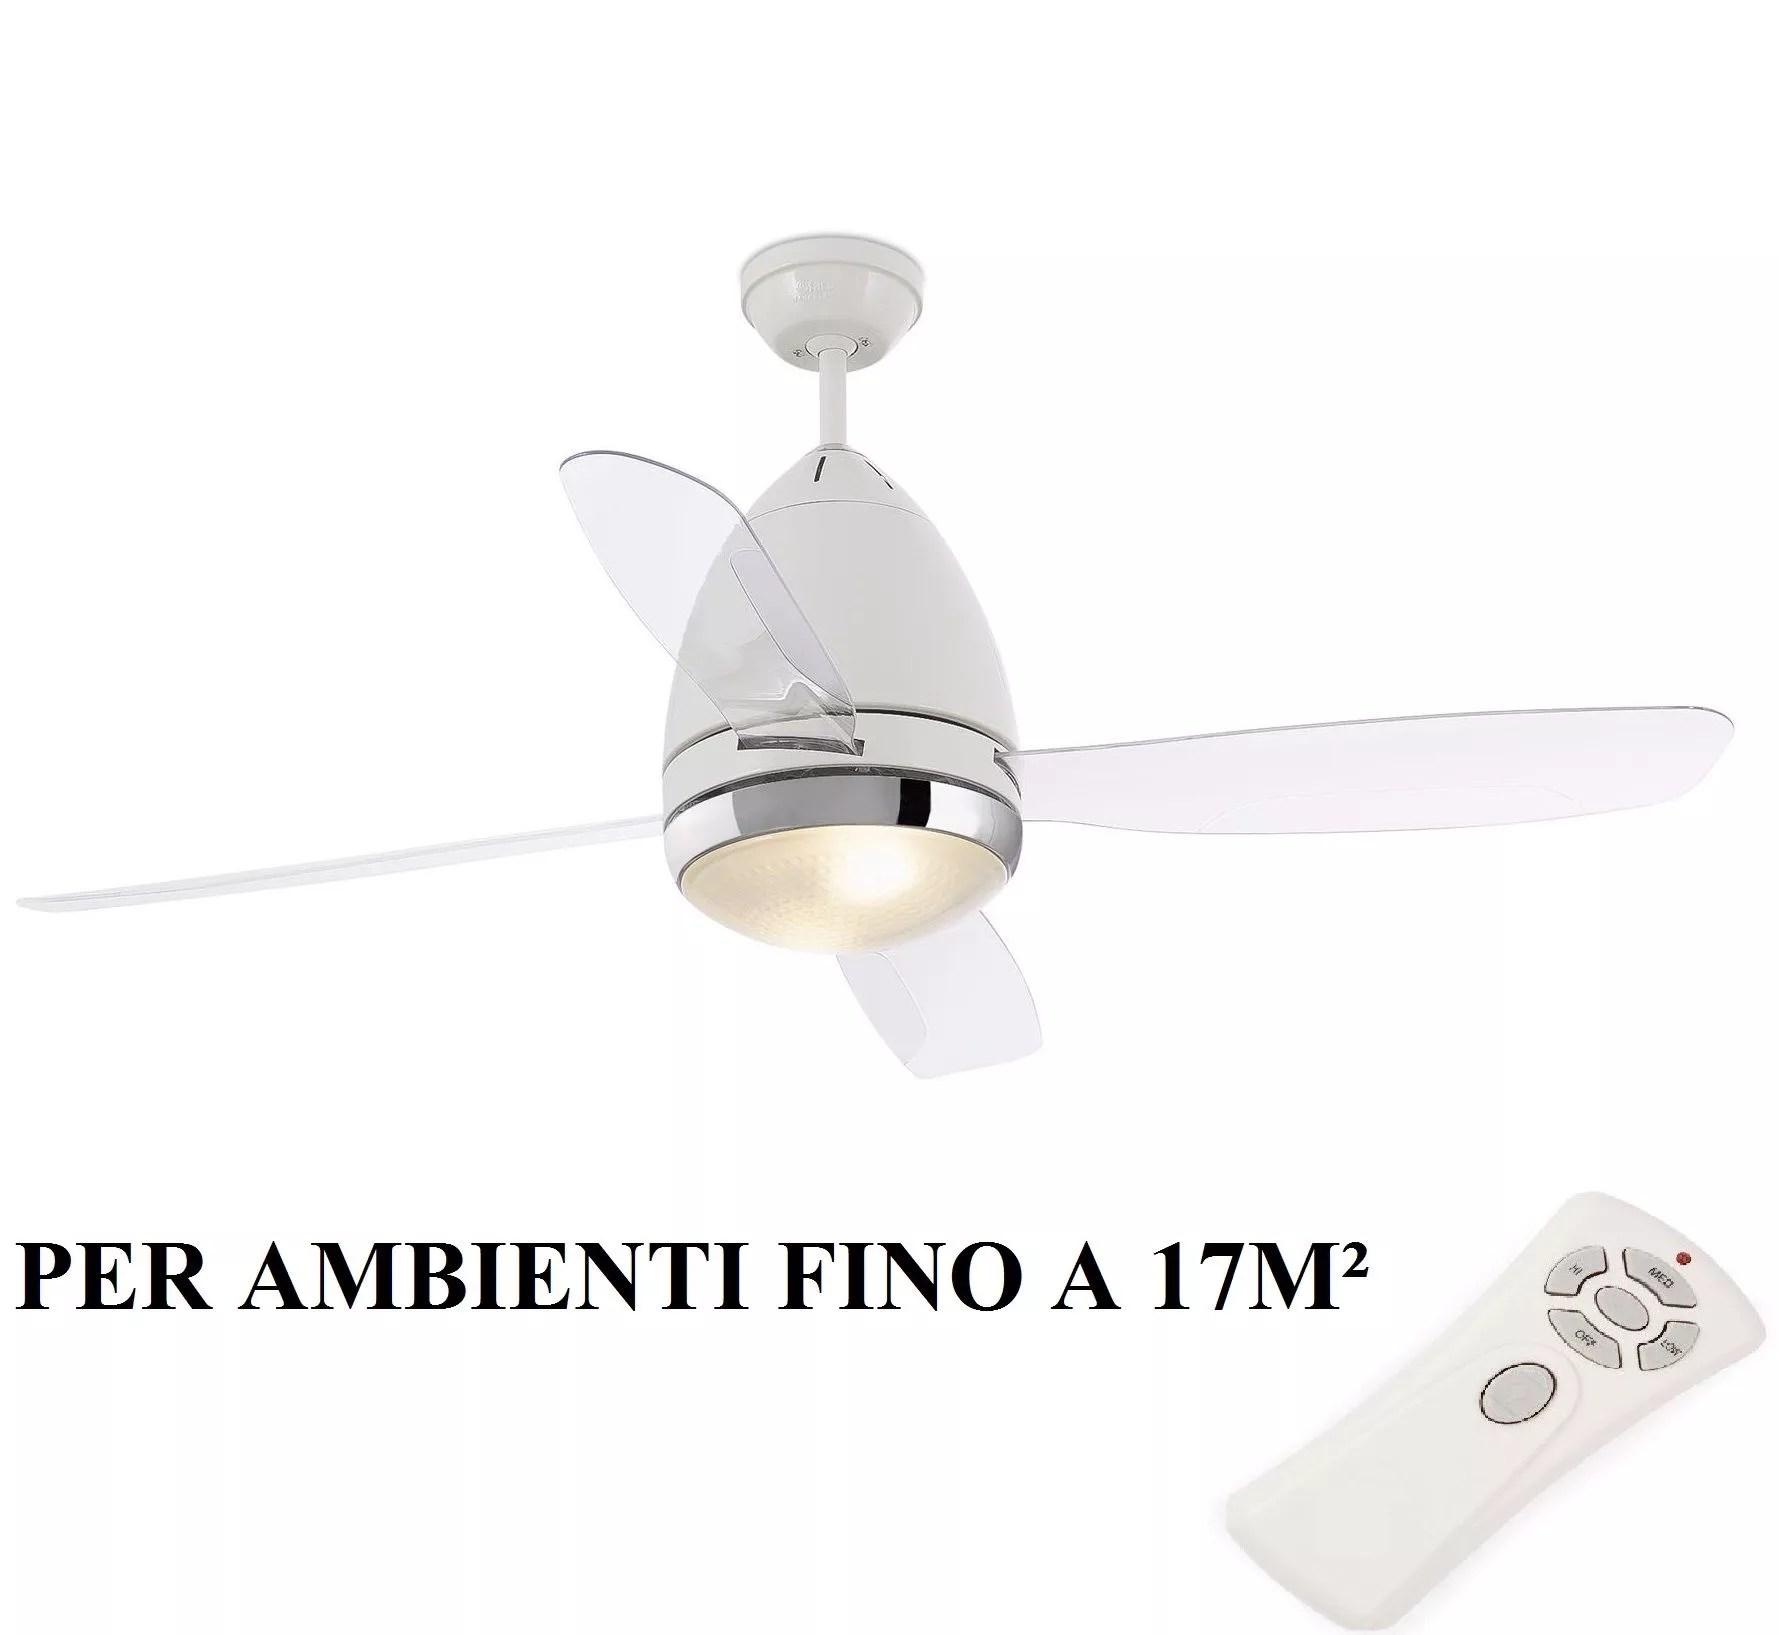 Ventilatore a soffitto 5 pale da parete con luce lampadario e telecomando vinco. Faro Faretto Ceiling Fan With Blades And Light 33389